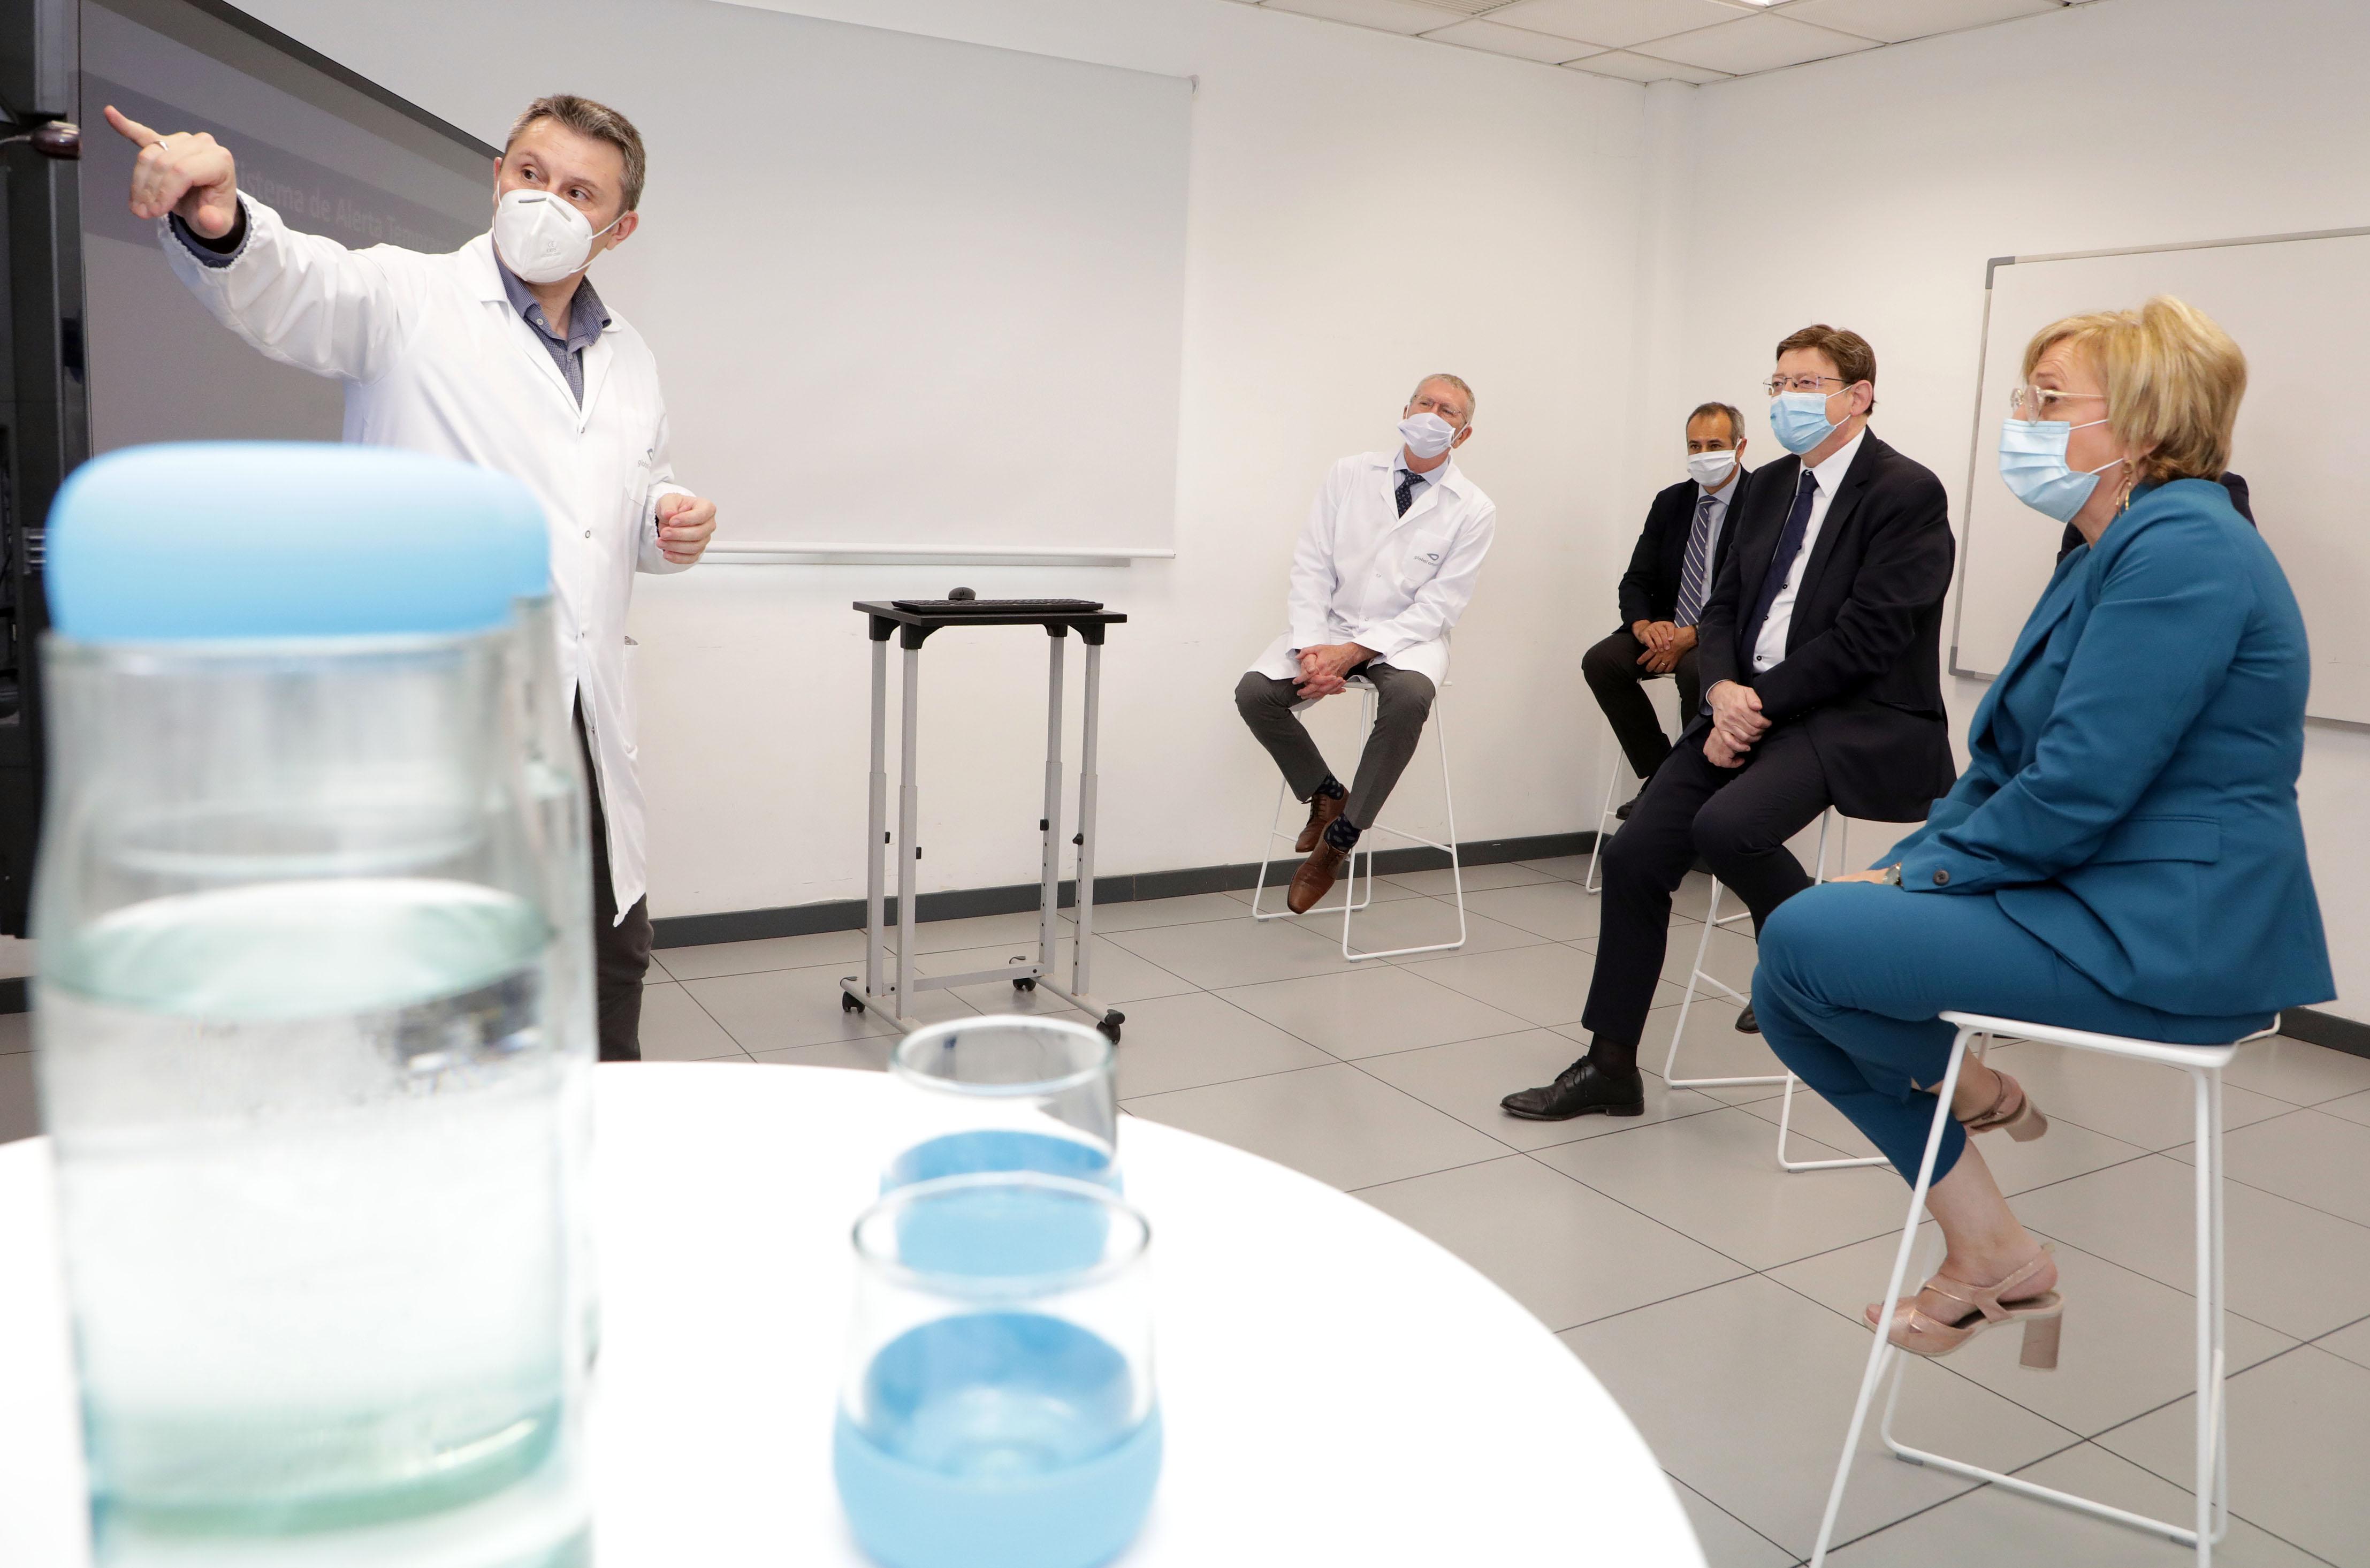 Ximo Puig destaca que el proyecto de análisis de aguas residuales constata una importante reducción de la presencia de SARS-CoV-2 con el confinamiento